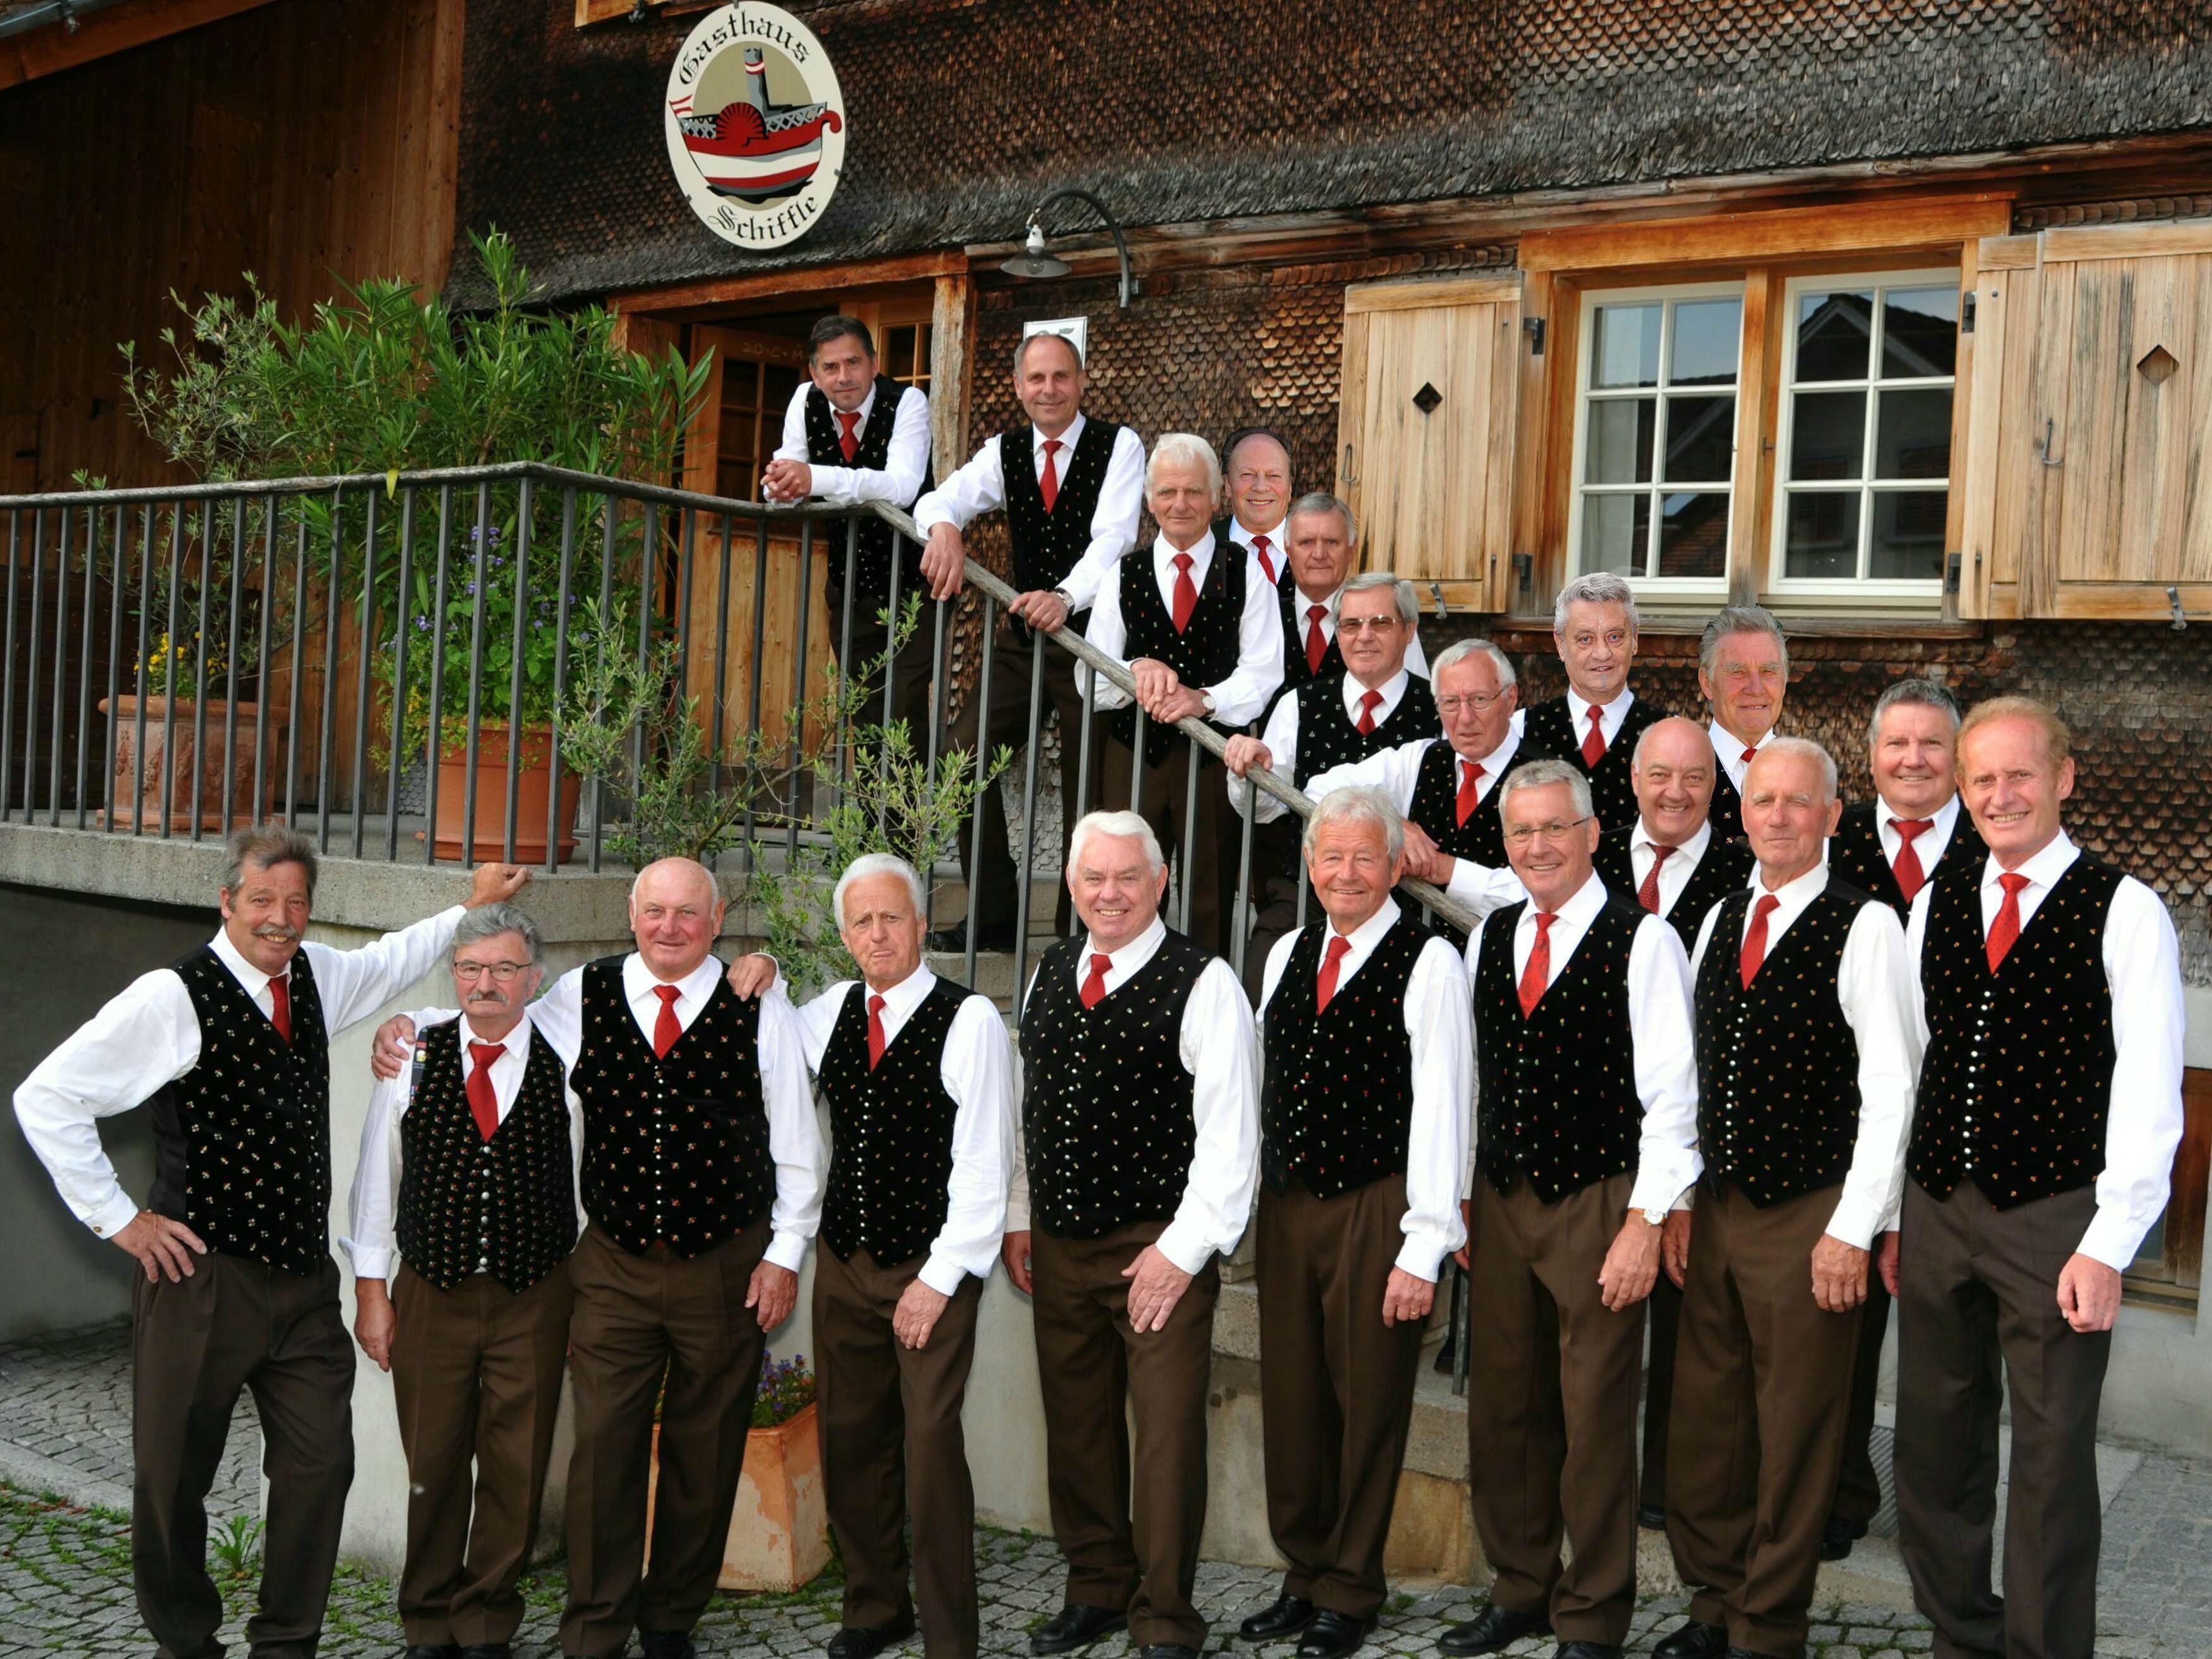 Der Kärntner Männerchor erfreut sich größter Beliebtheit und freut sich jederzeit über stimmliche Verstärkung.